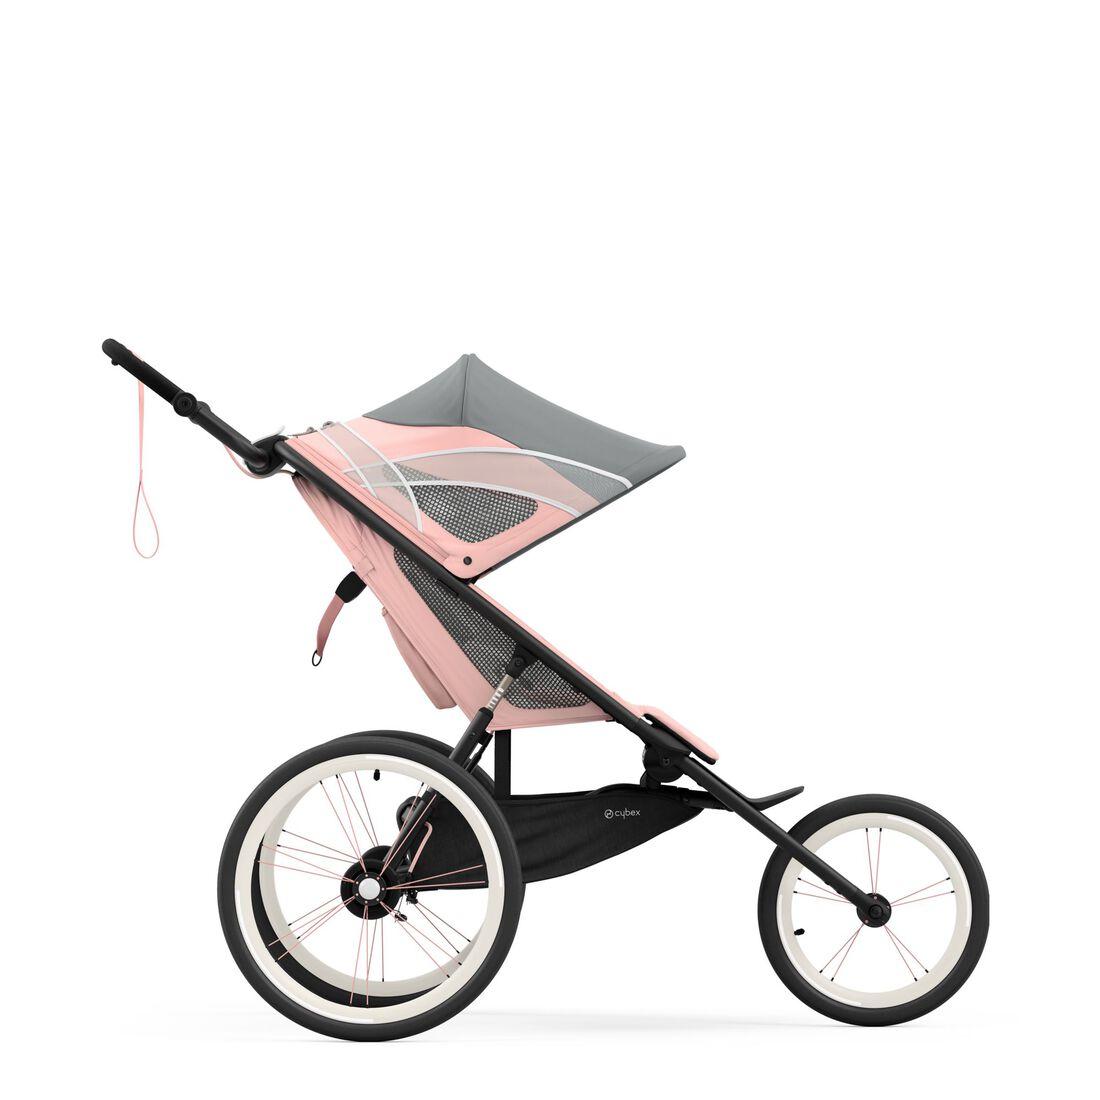 CYBEX Avi Rahmen - Schwarz mit pinken Details in Black With Pink Details large Bild 4